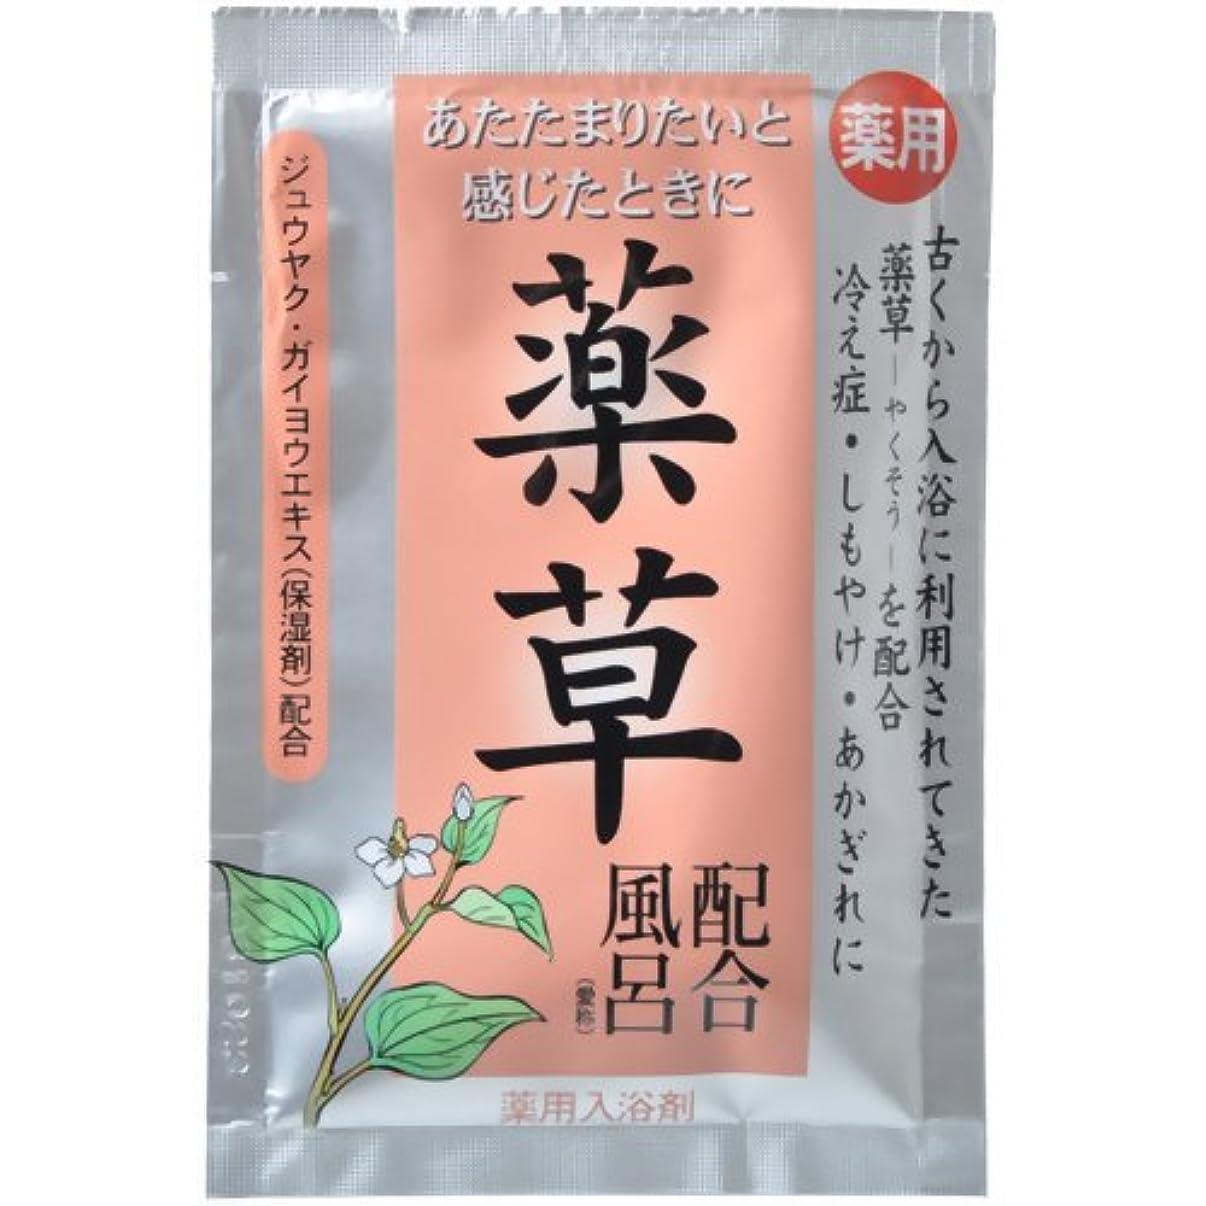 恨みブルームサイレン古風植物風呂 薬草配合風呂 25g(入浴剤)